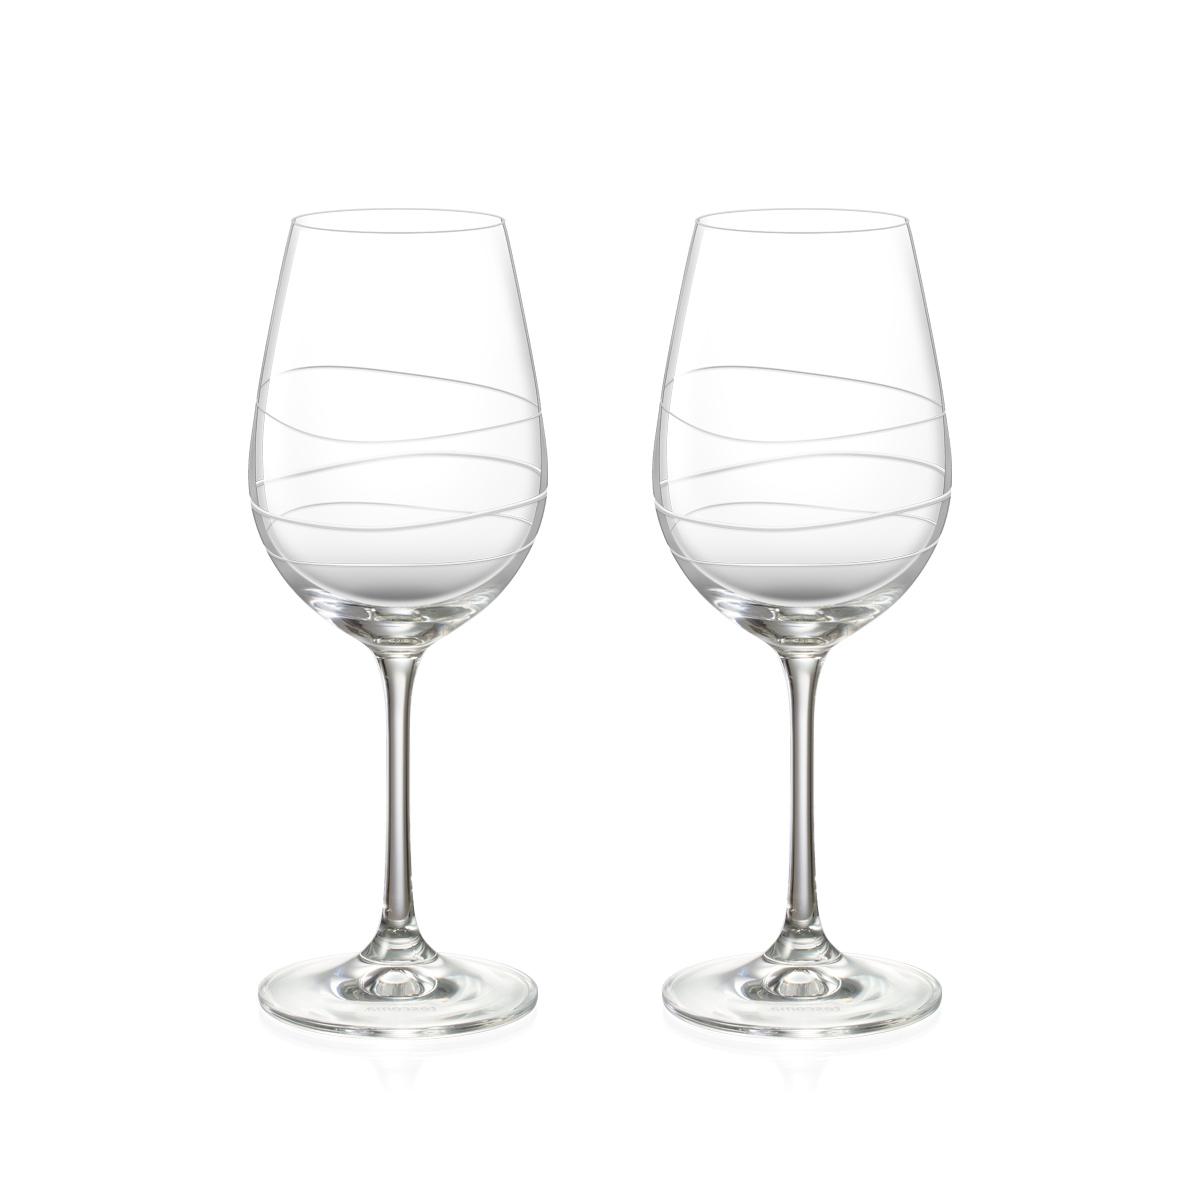 Sklenice na víno UNO VINO Vista 350 ml, 2 ks